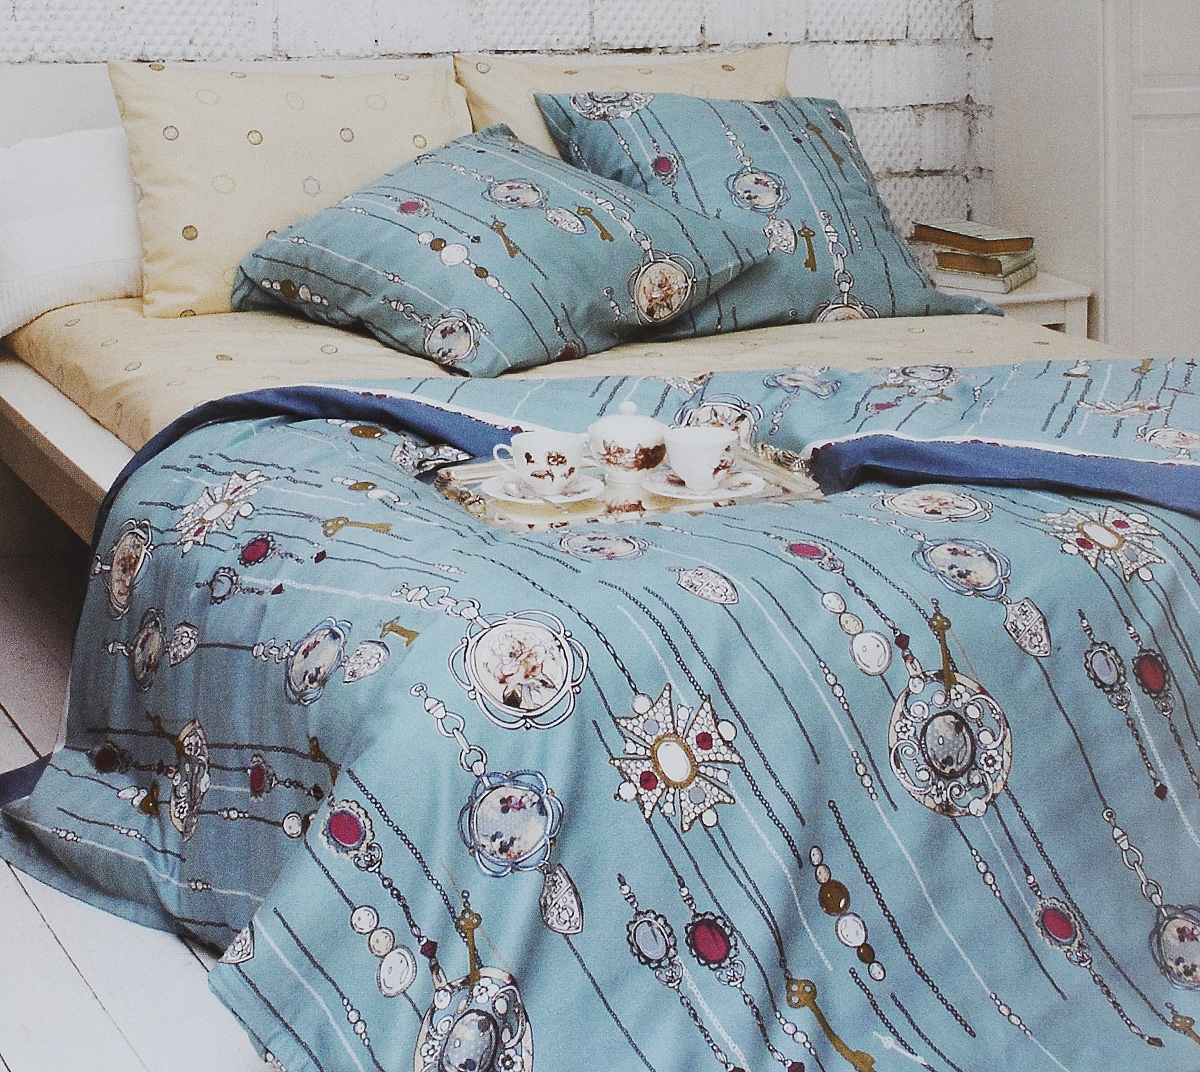 Комплект белья Tiffanys Secret, 1,5-спальный, наволочки 70х70, цвет: бирюзовый, белый, бежевый391602Комплект постельного белья Tiffanys Secret является экологически безопасным для всей семьи, так как выполнен из сатина (100% хлопок). Комплект состоит из пододеяльника, простыни и двух наволочек. Предметы комплекта оформлены оригинальным рисунком.Благодаря такому комплекту постельного белья вы сможете создать атмосферу уюта и комфорта в вашей спальне.Сатин - это ткань, навсегда покорившая сердца человечества. Ценившие роскошь персы называли ее атлас, а искушенные в прекрасном французы - сатин. Секрет высококачественного сатина в безупречности всего технологического процесса. Эту благородную ткань делают только из отборной натуральной пряжи, которую получают из самого лучшего тонковолокнистого хлопка. Благодаря использованию самой тонкой хлопковой нити получается необычайно мягкое и нежное полотно. Сатиновое постельное белье превращает жаркие летние ночи в прохладные и освежающие, а холодные зимние - в теплые и согревающие. Сатин очень приятен на ощупь, постельное белье из него долговечно, выдерживает более 300 стирок, и лишь спустя долгое время материал начинает немного тускнеть. Оцените все достоинства постельного белья из сатина, выбирая самое лучшее для себя!